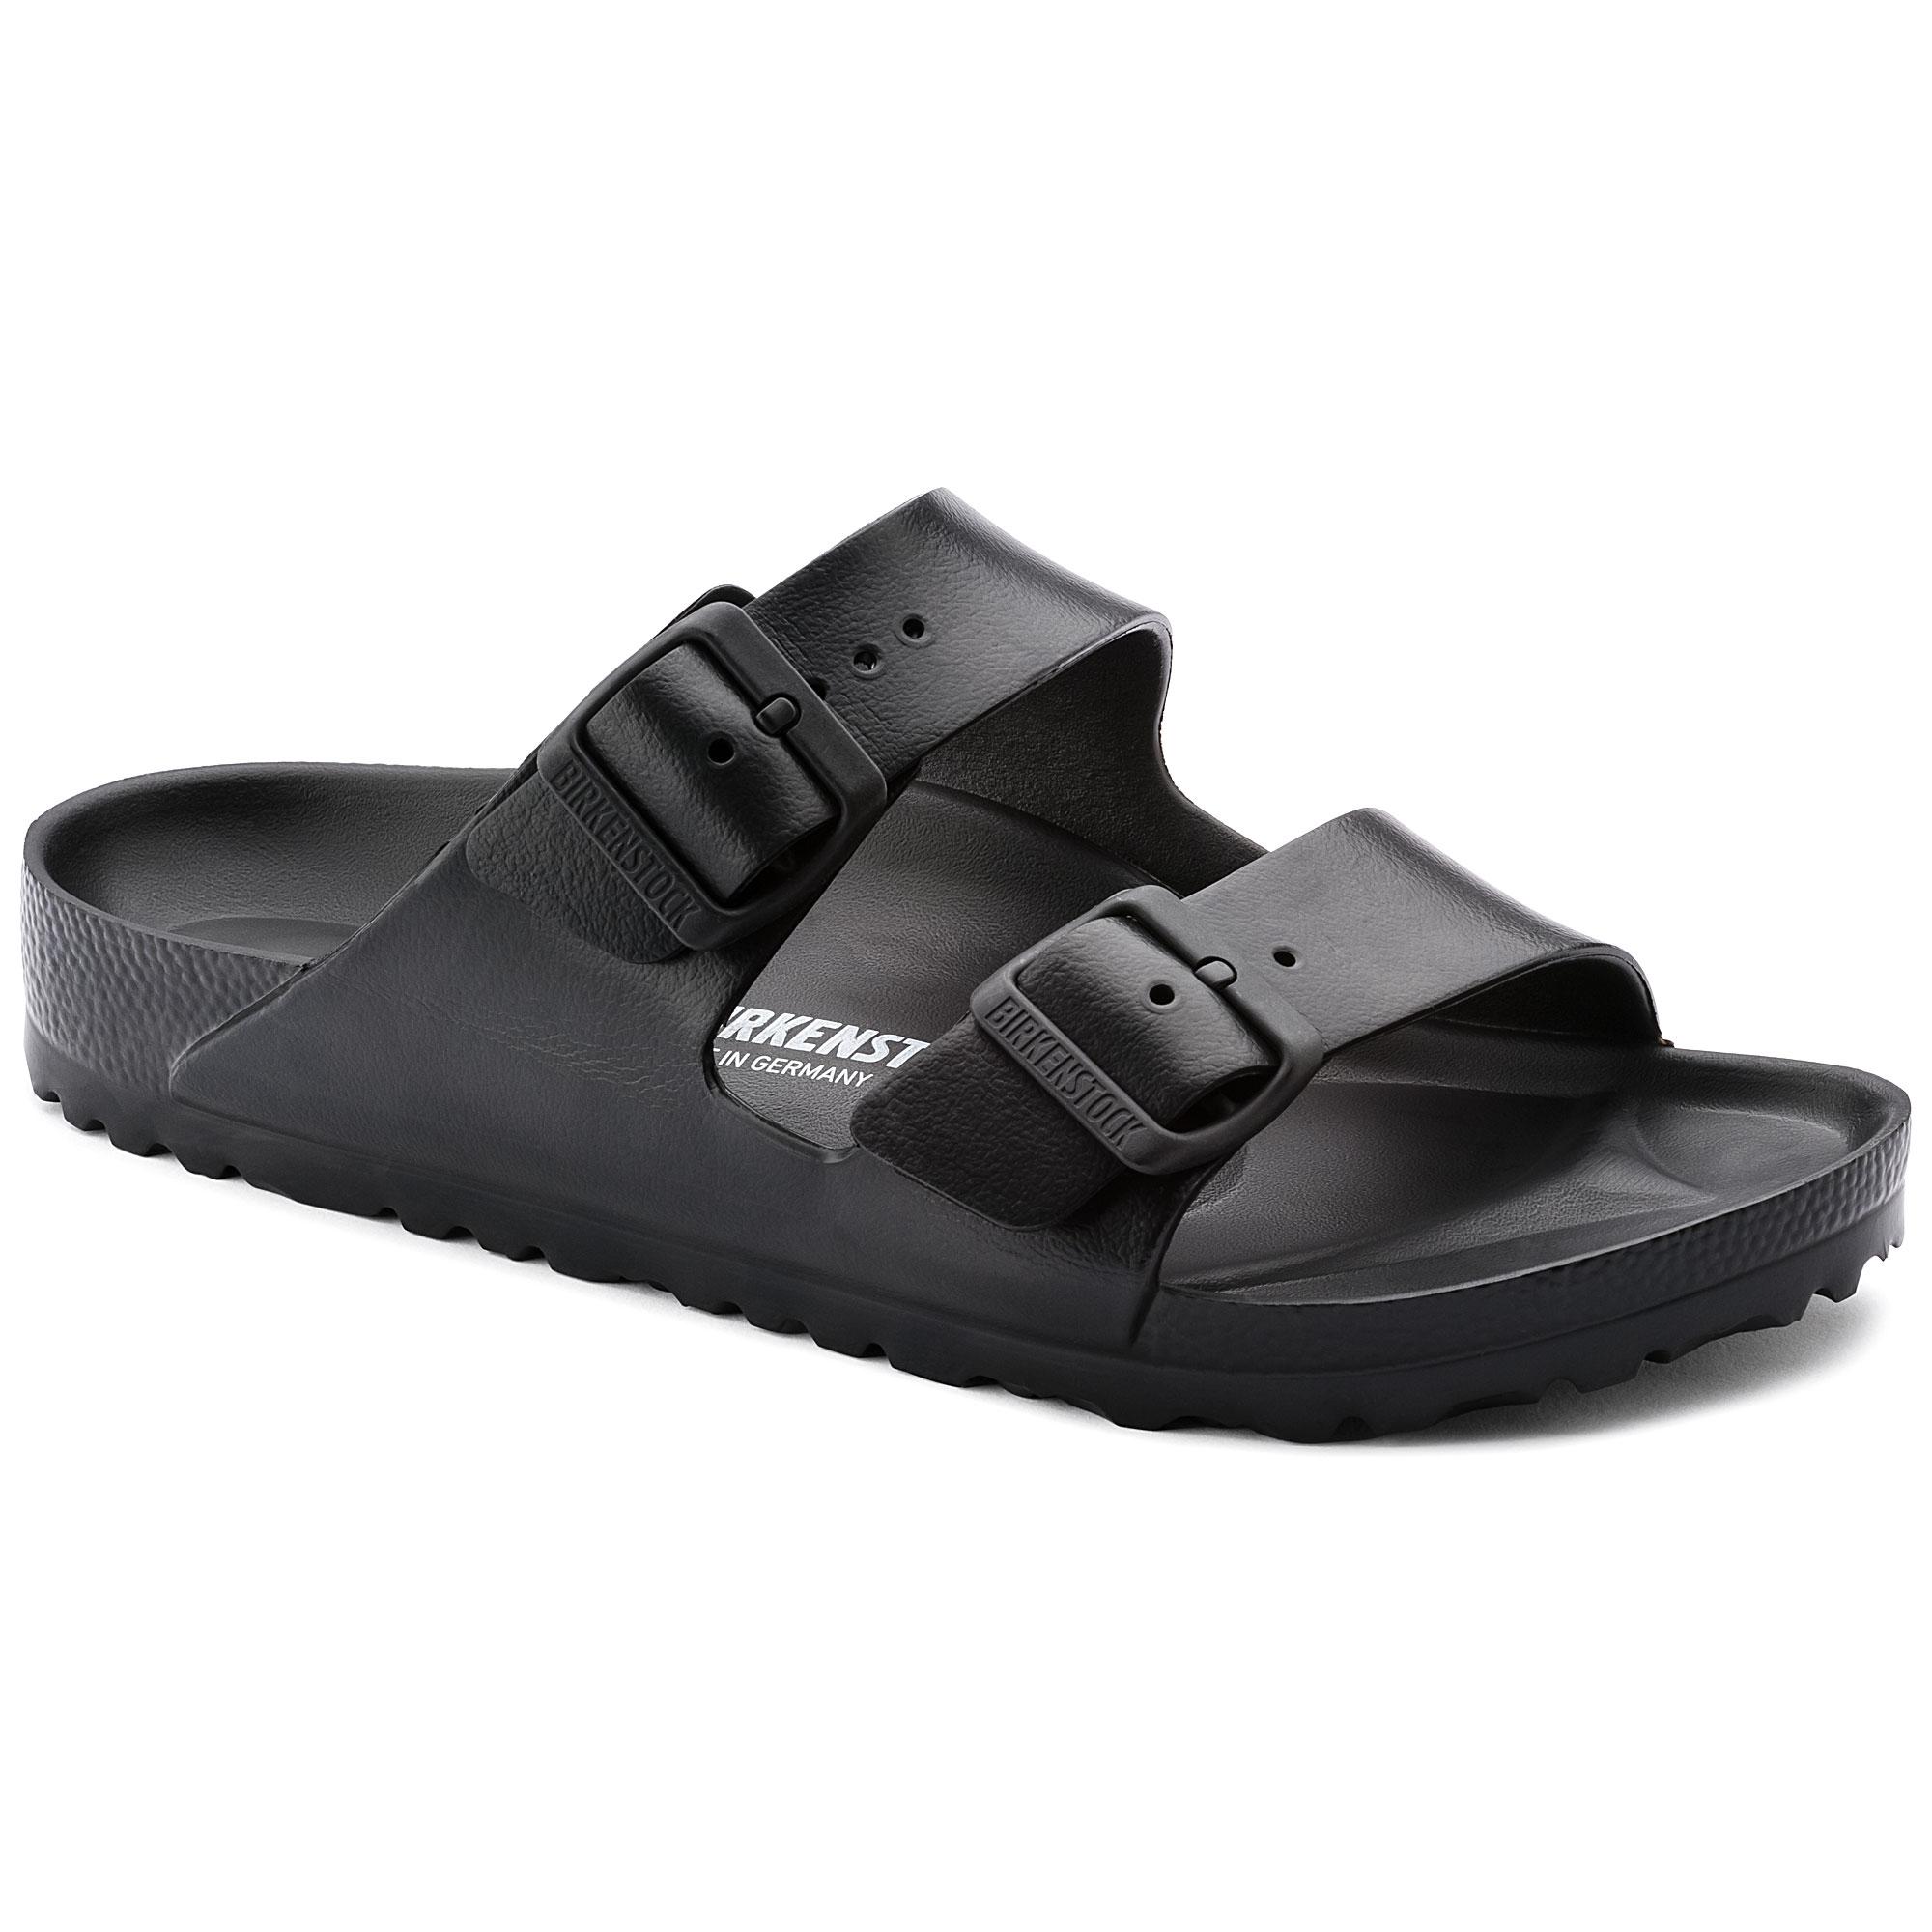 Birkenstock Kinder Schuhe online bestellen | tausendkind